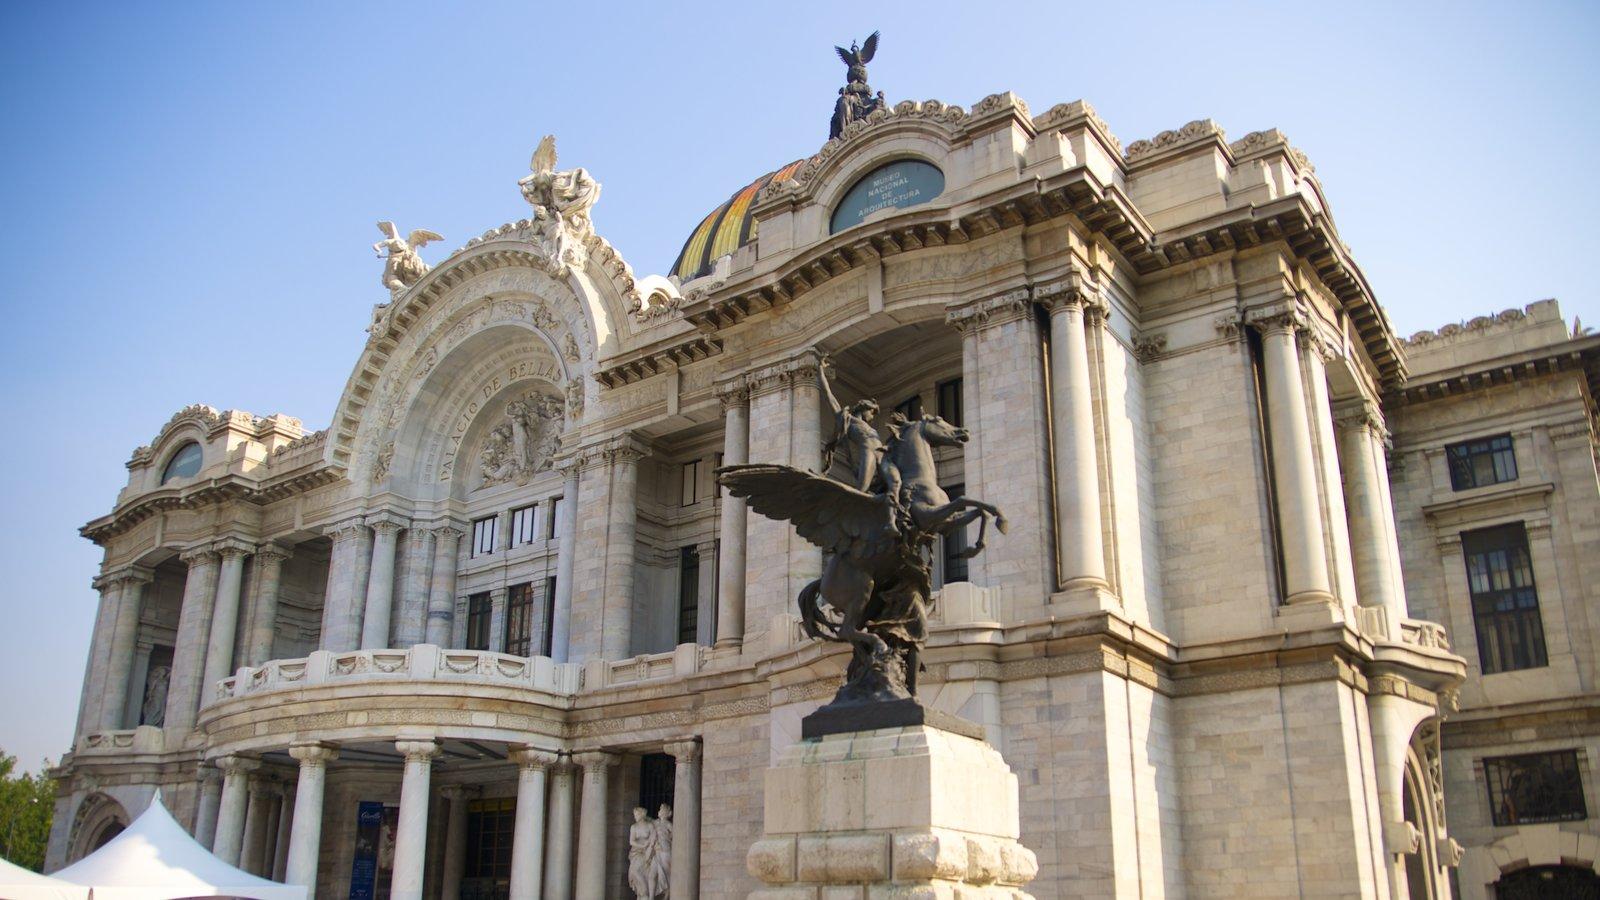 Fotos de palacio de bellas artes ver fotos e im genes de for Arquitectura 7 bellas artes